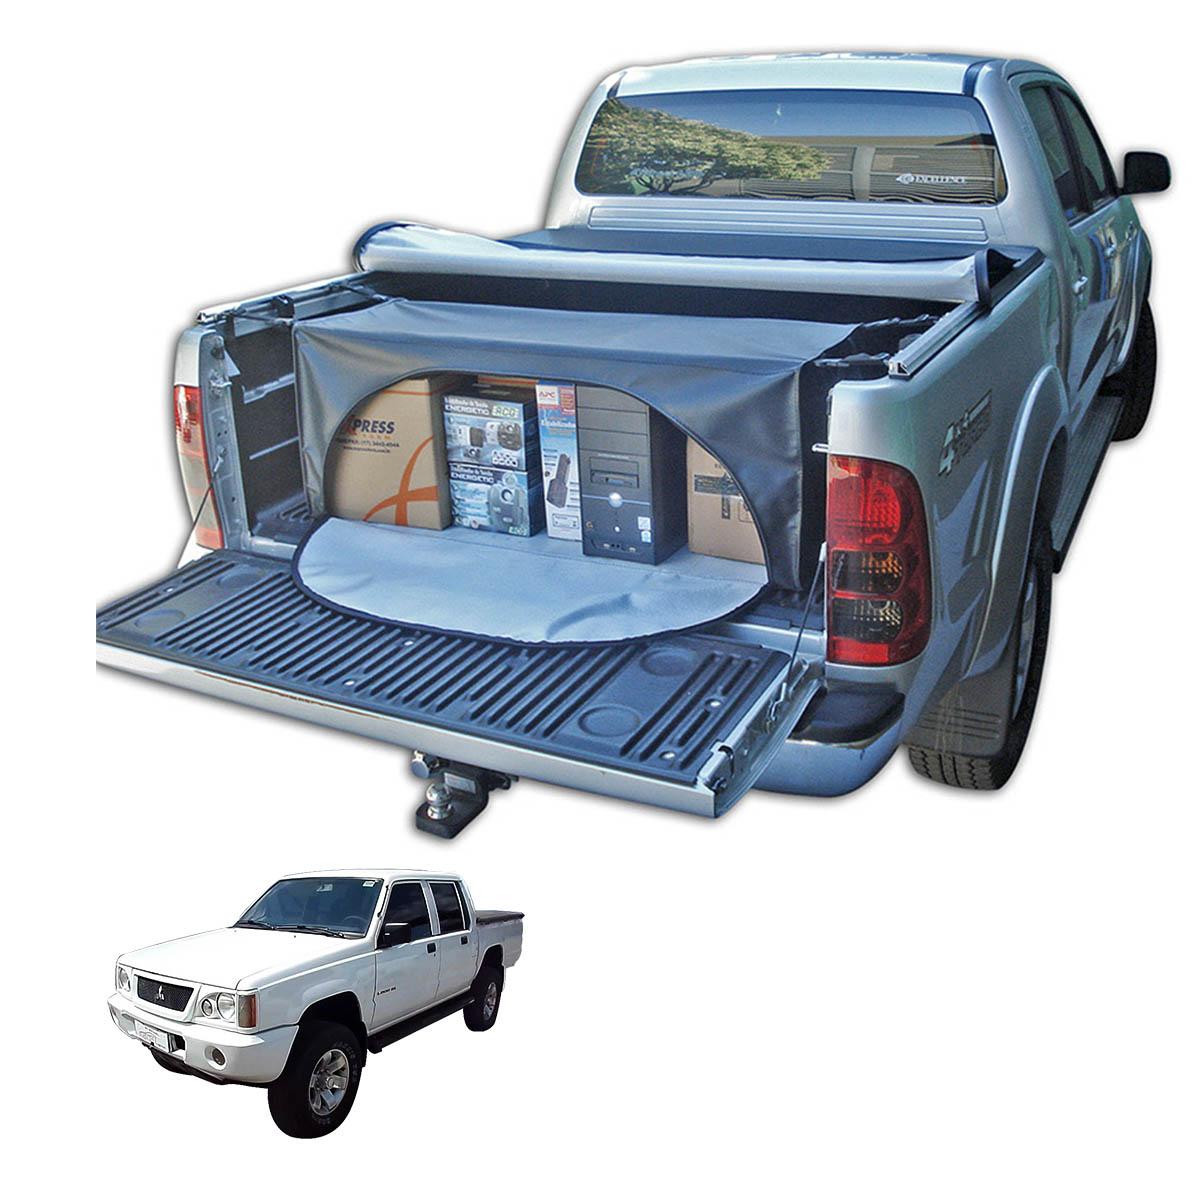 Bolsa para caçamba L200 GL 1999 a 2005 ou L200 GLS 1999 a 2007